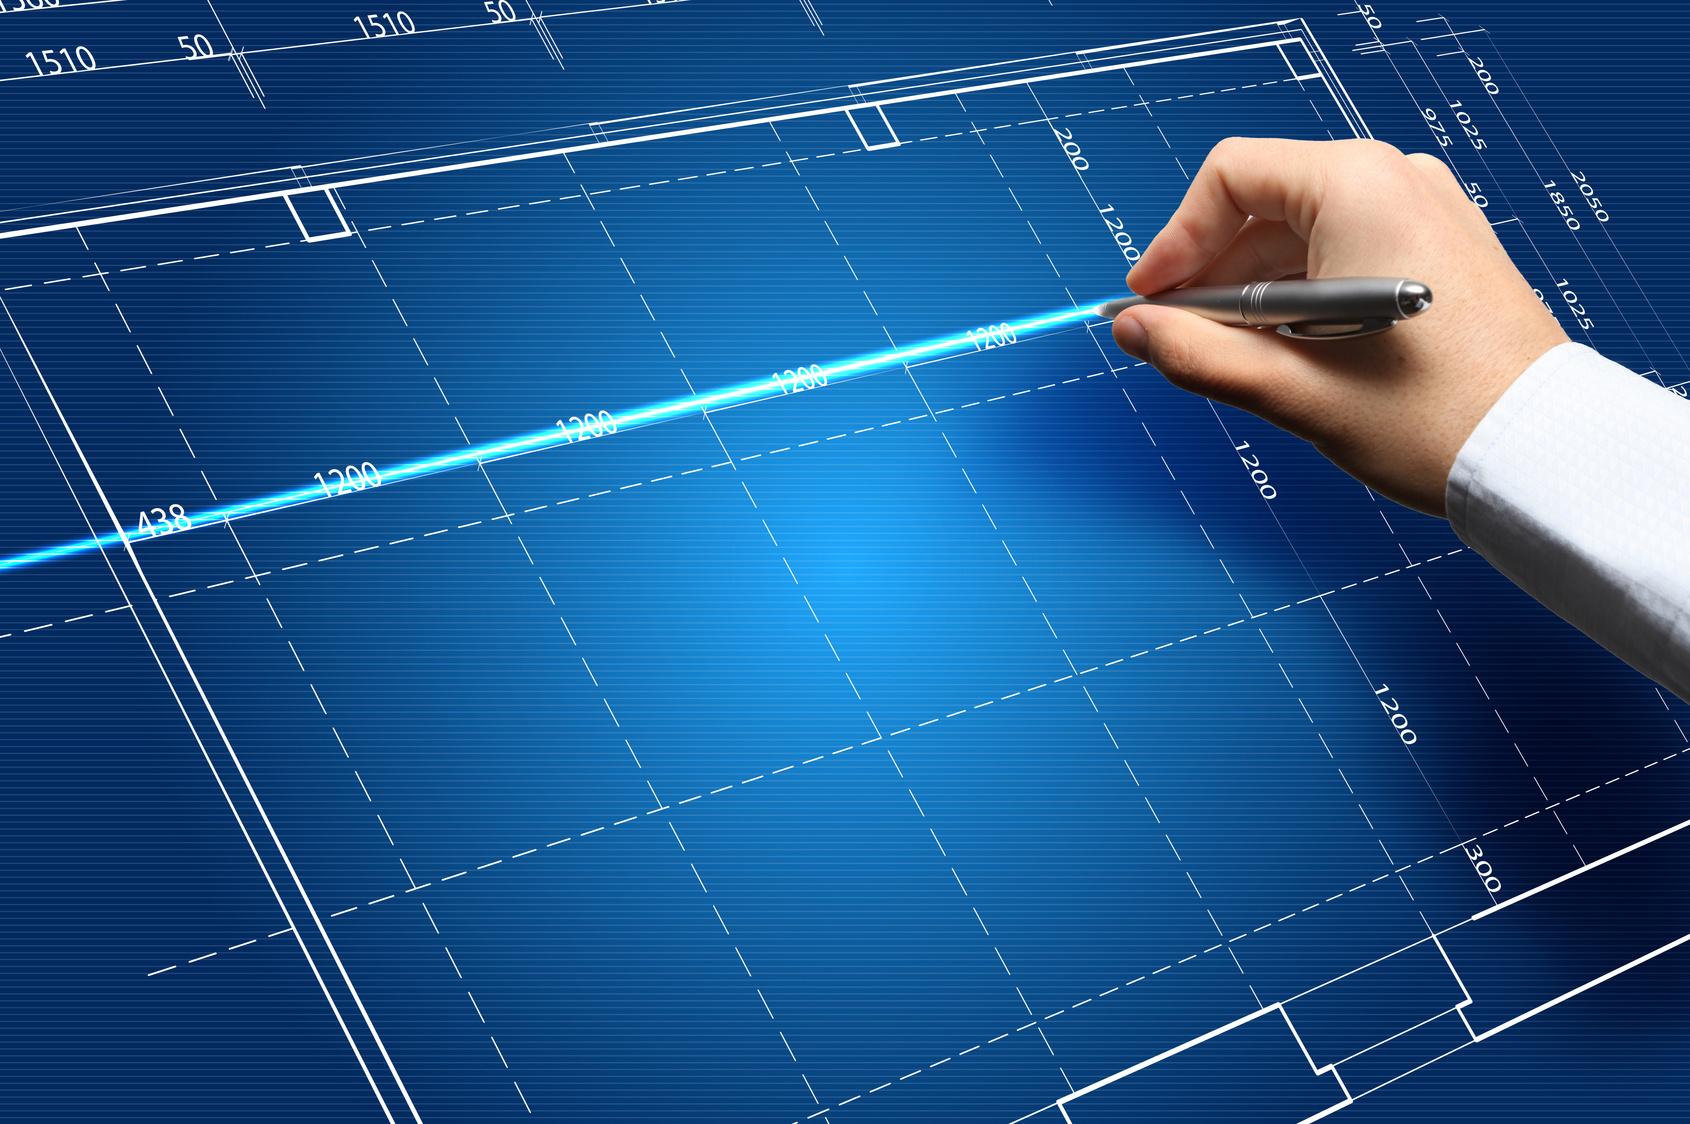 舞台で使えるフリーCADを探す 〜点と線で描くフリーCADソフト【QCAD】